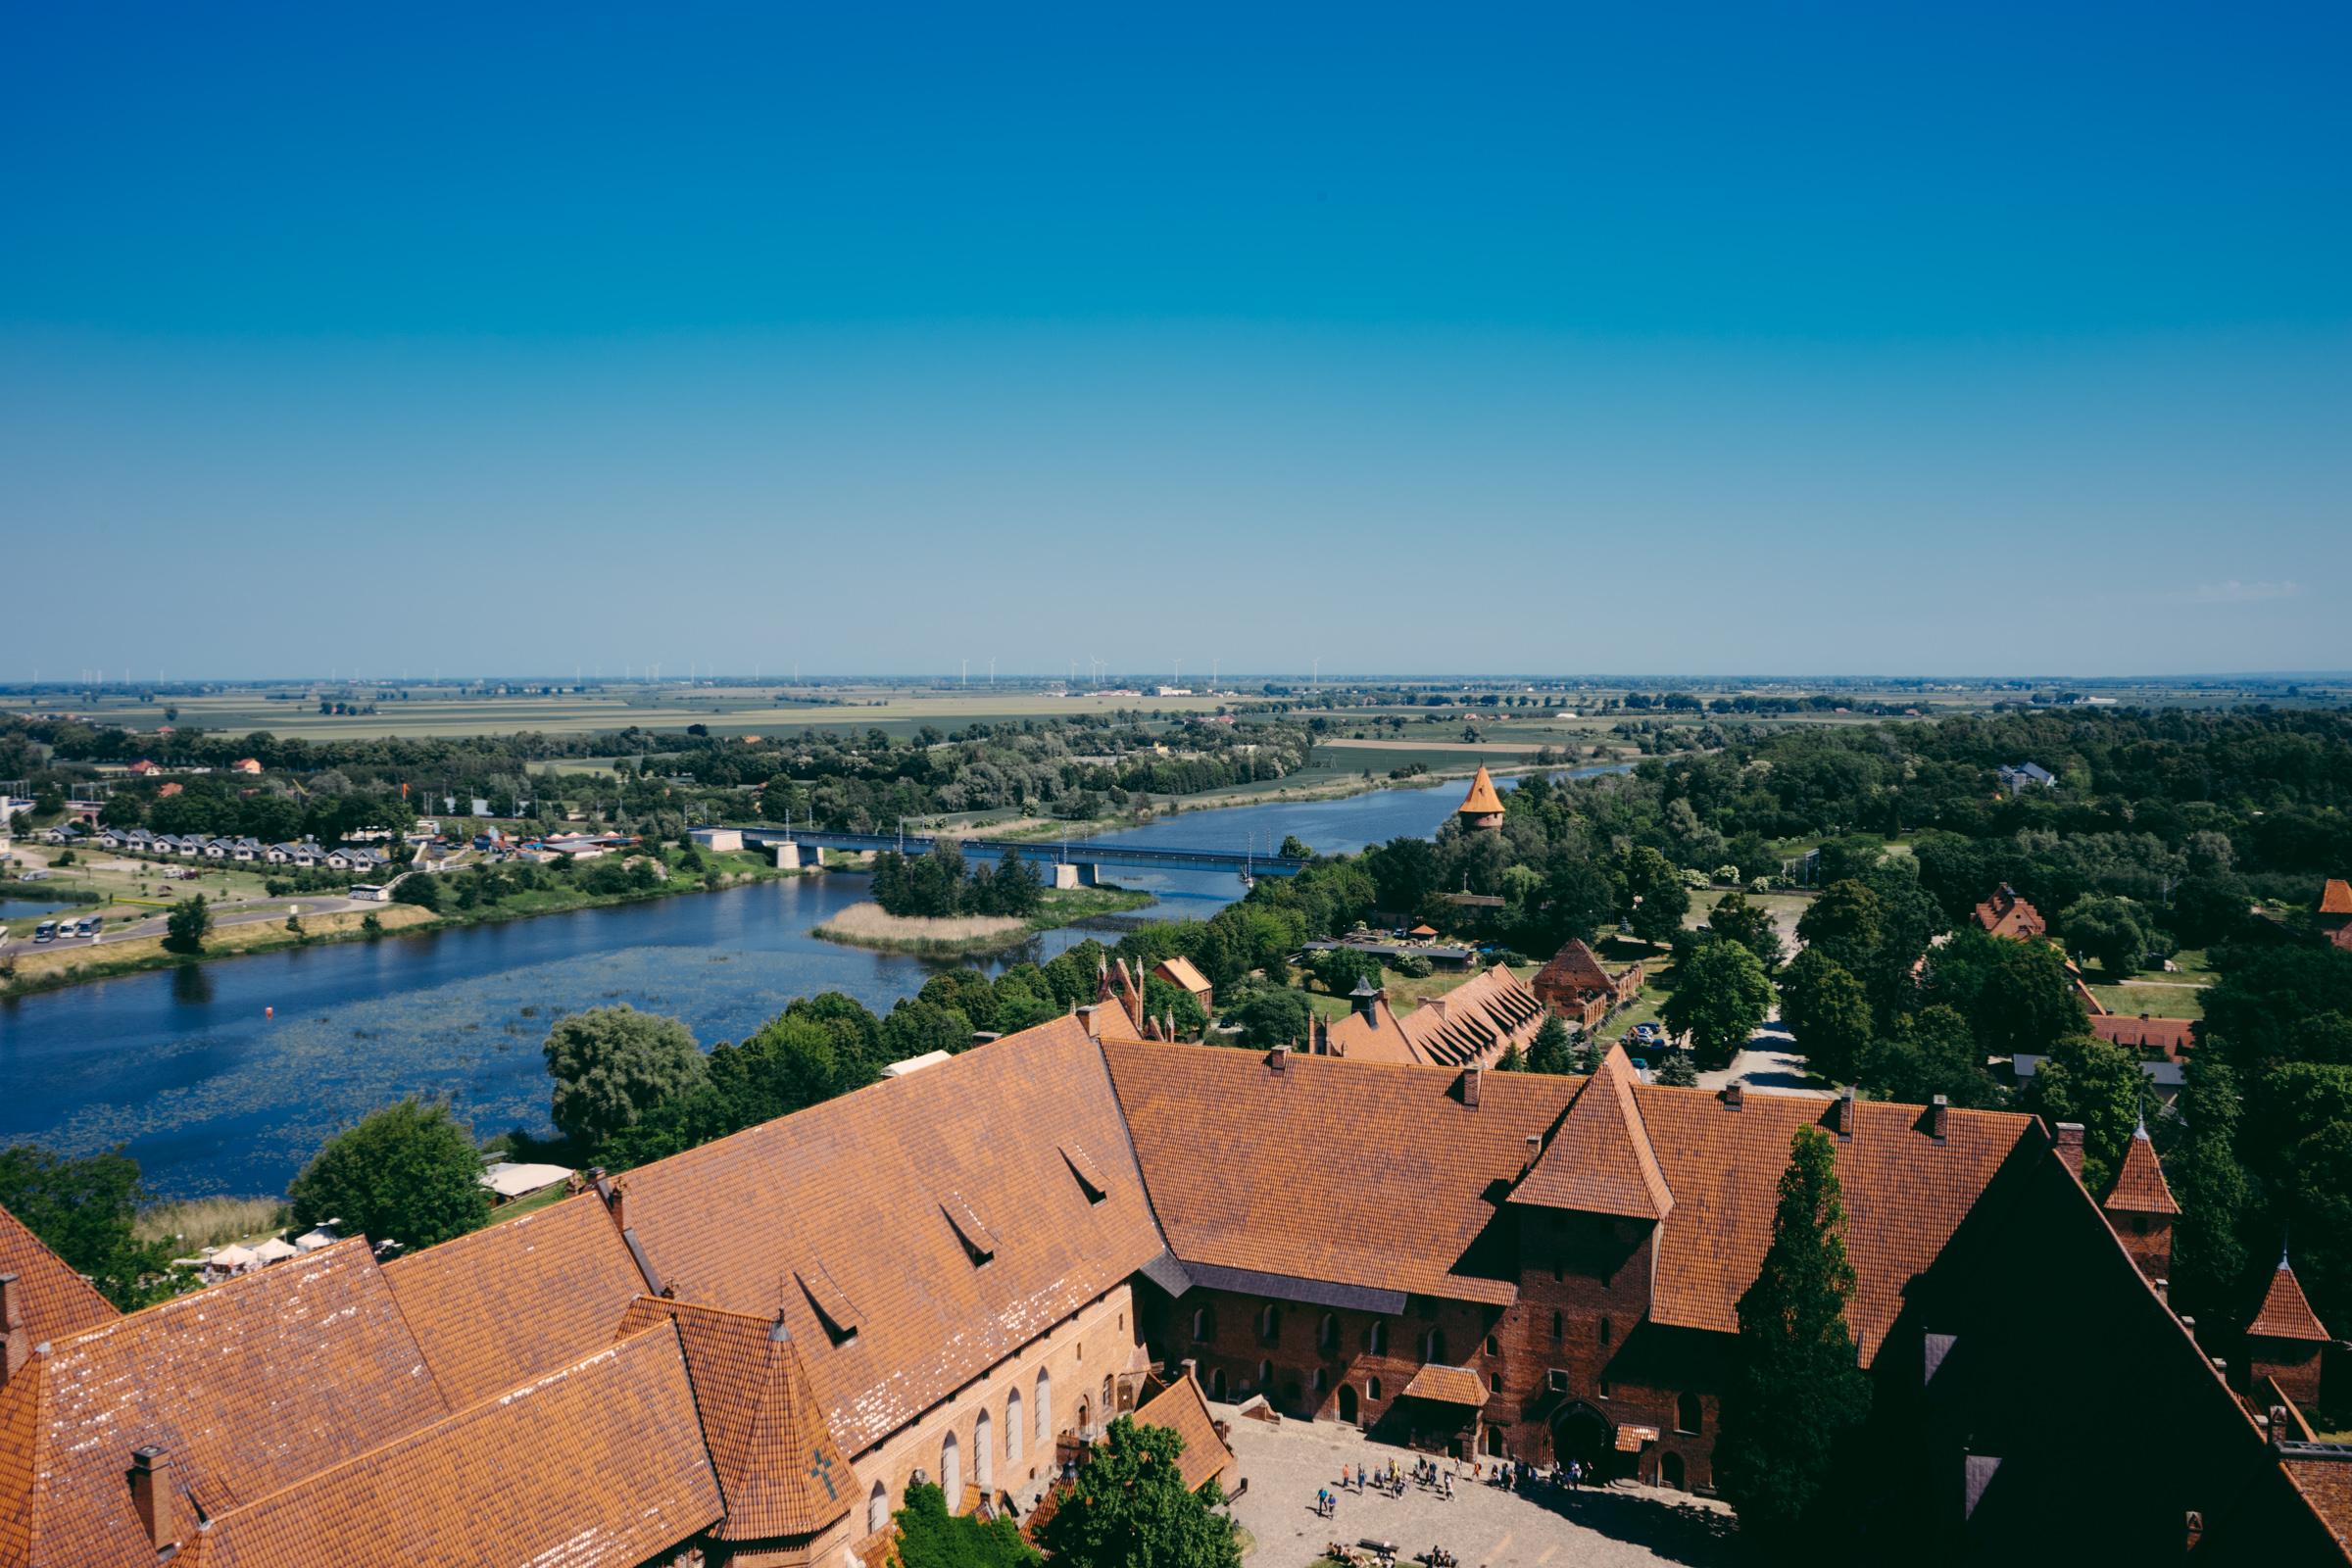 Vue imprenable sur la Nogat depuis la plus haute tour du château de Malbork - Pologne